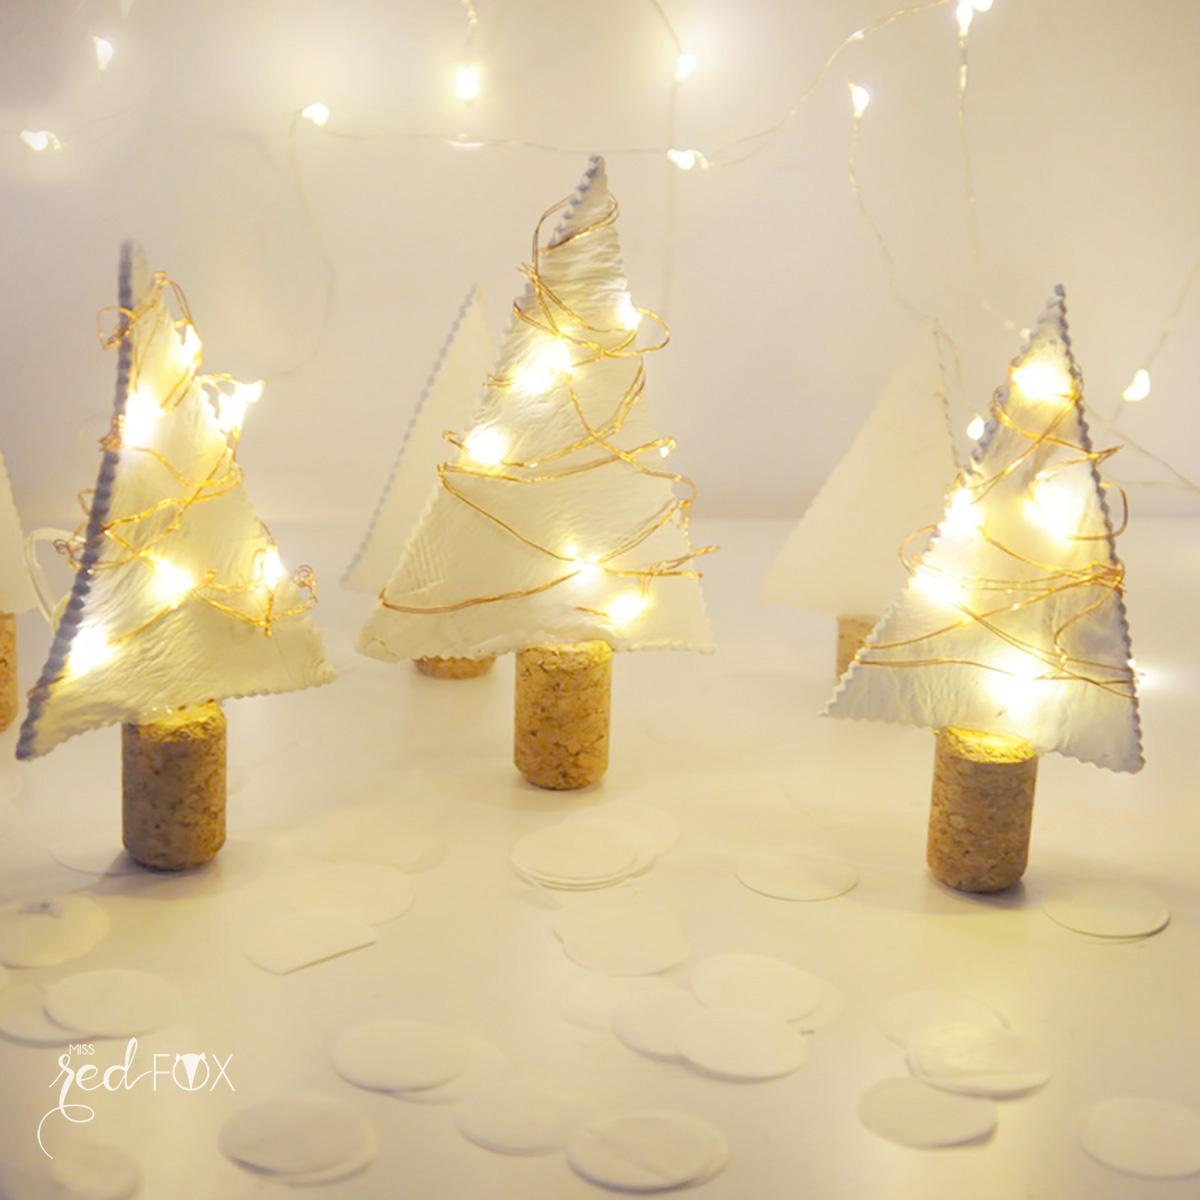 missredfox - 12giftswithlove - 12 - Lichterkette - Tannenbäume aus Fimo - 07